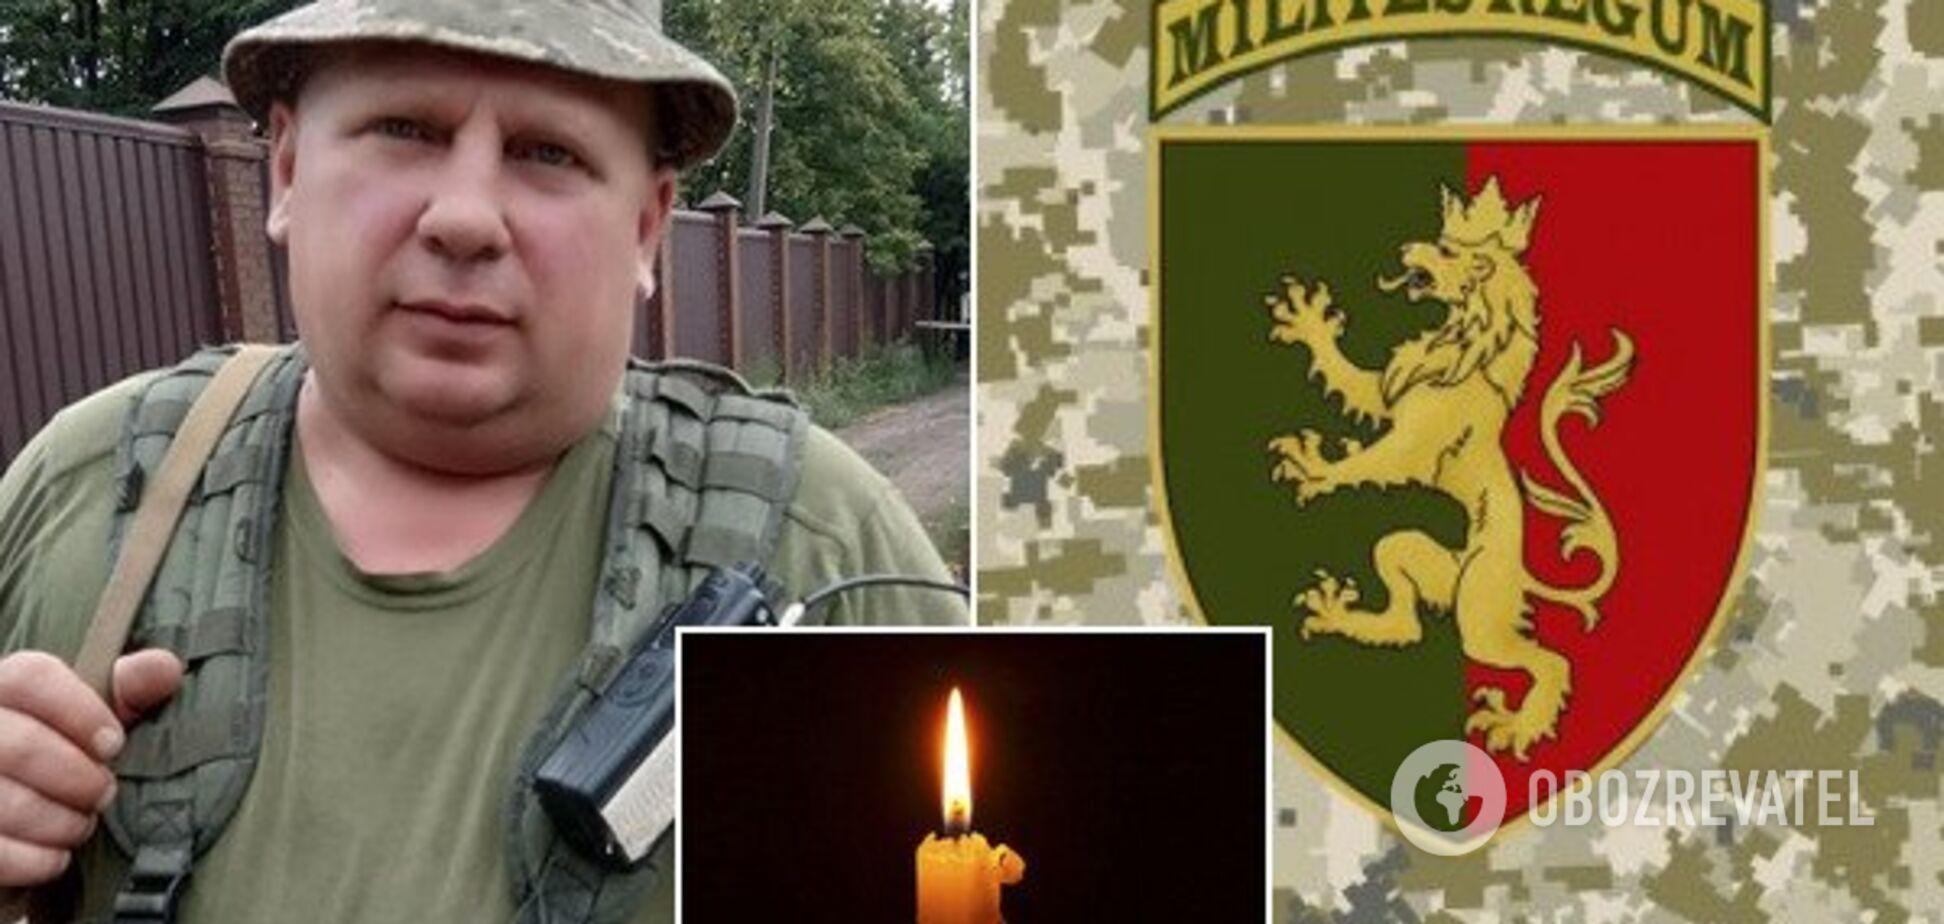 'Хотів і вмів воювати': у Дніпрі від поранень помер боєць ЗСУ